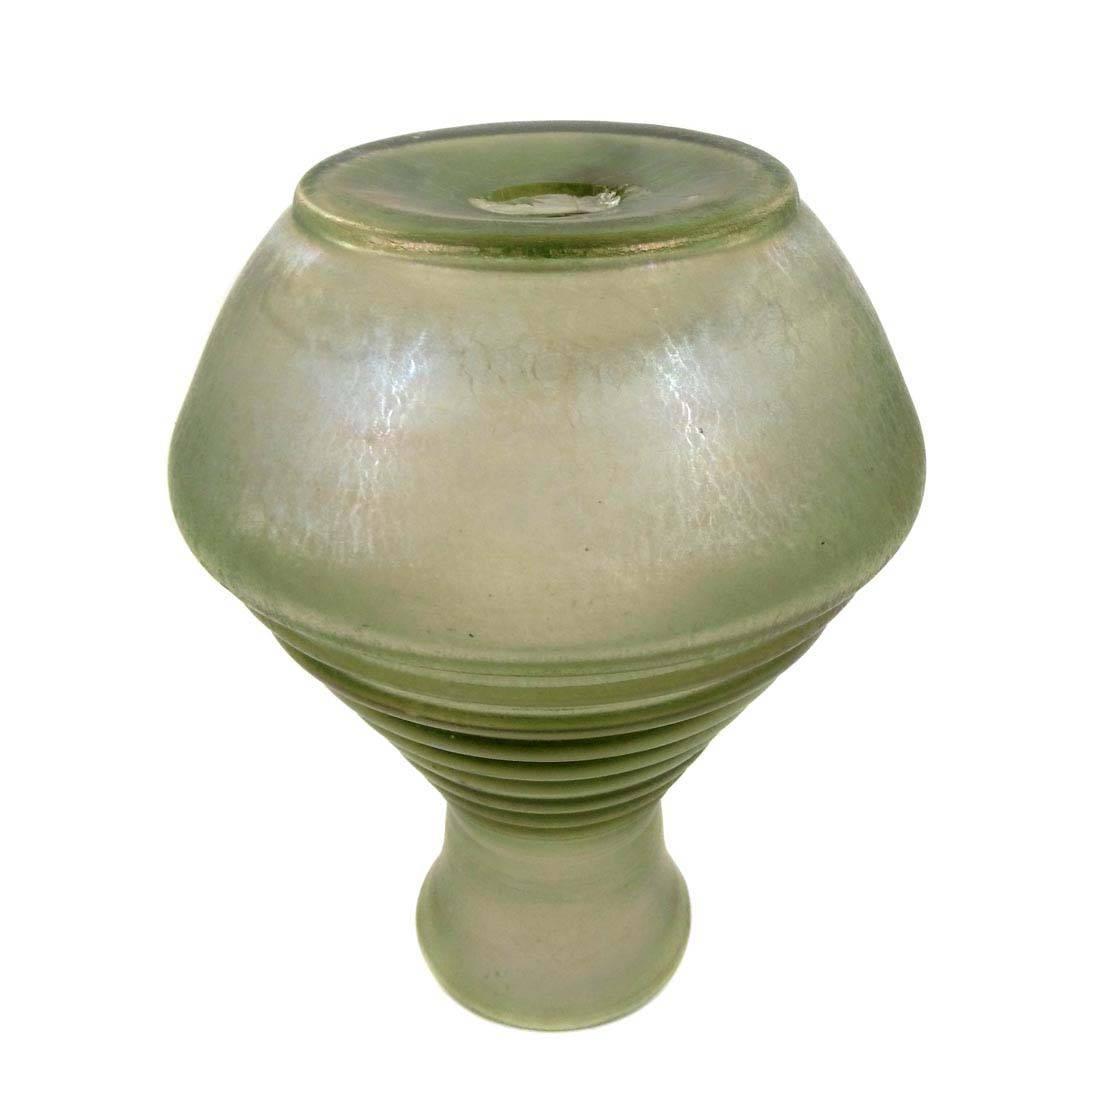 zypern glas vase der josephinenh tte um 1880 1900 ebay. Black Bedroom Furniture Sets. Home Design Ideas